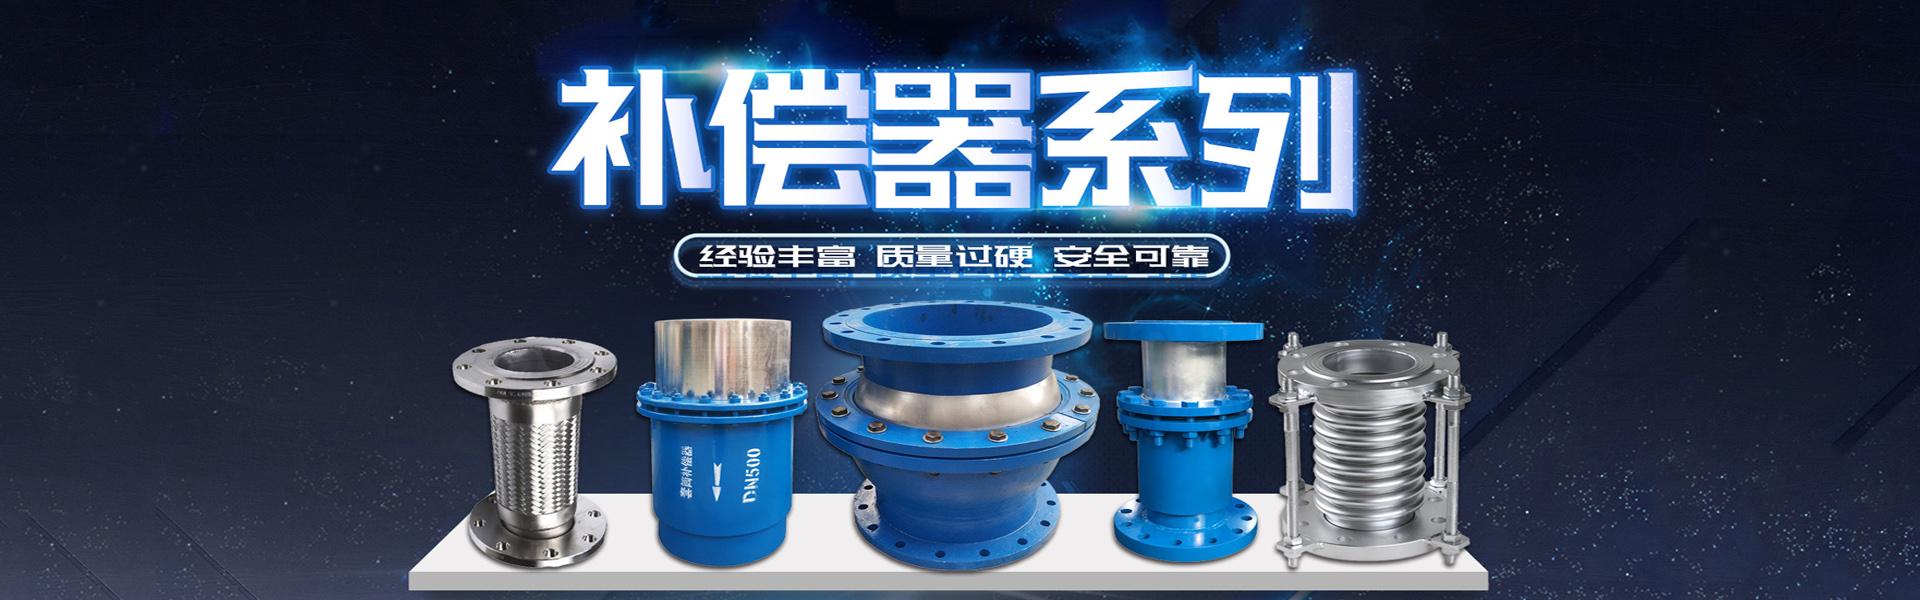 集中供暖 管道设备 生产厂家 河南鸿瑞管道设备有限公司